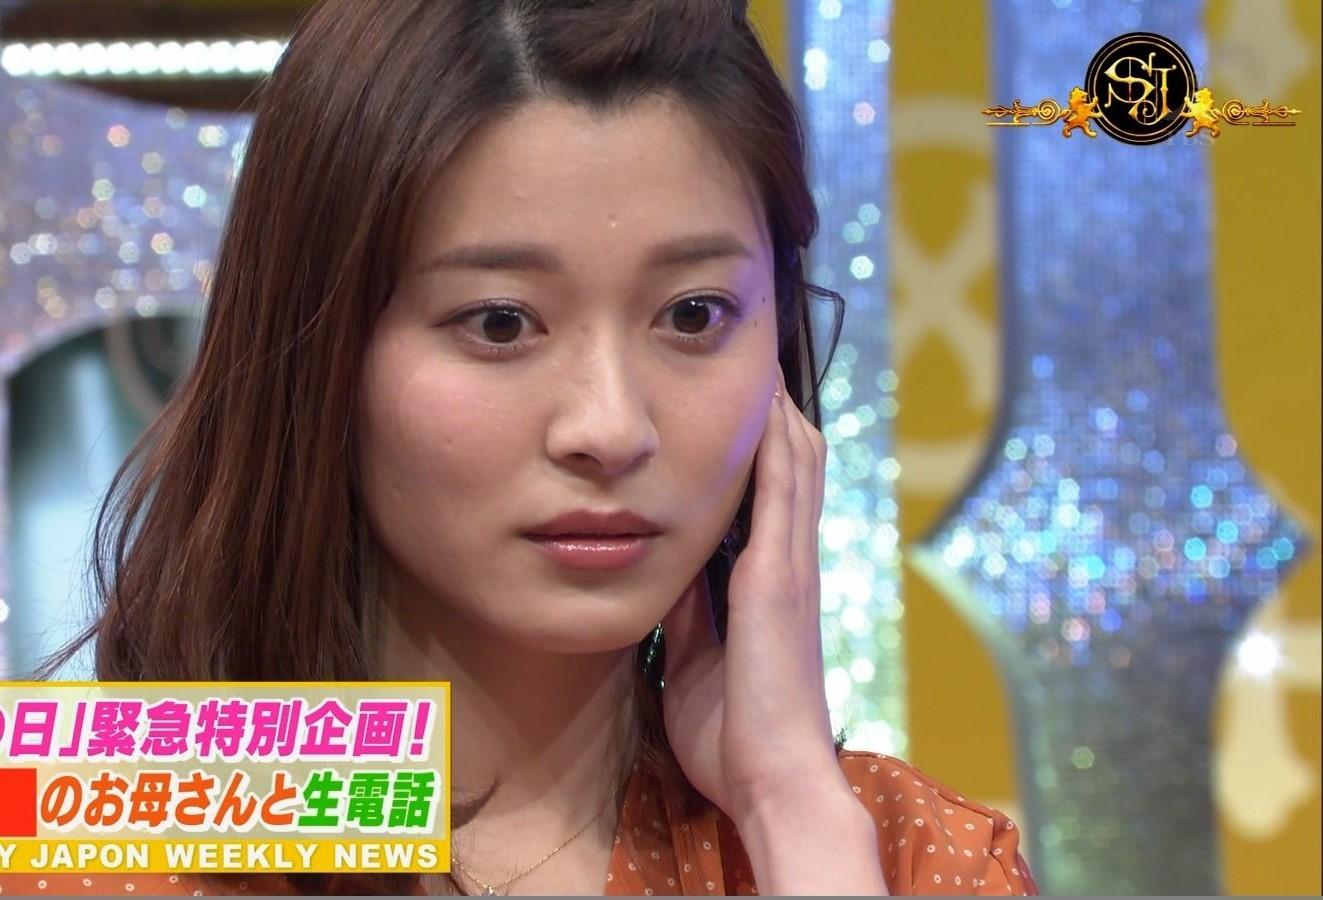 山本里菜アナのベッピン顔をひたすら見る19